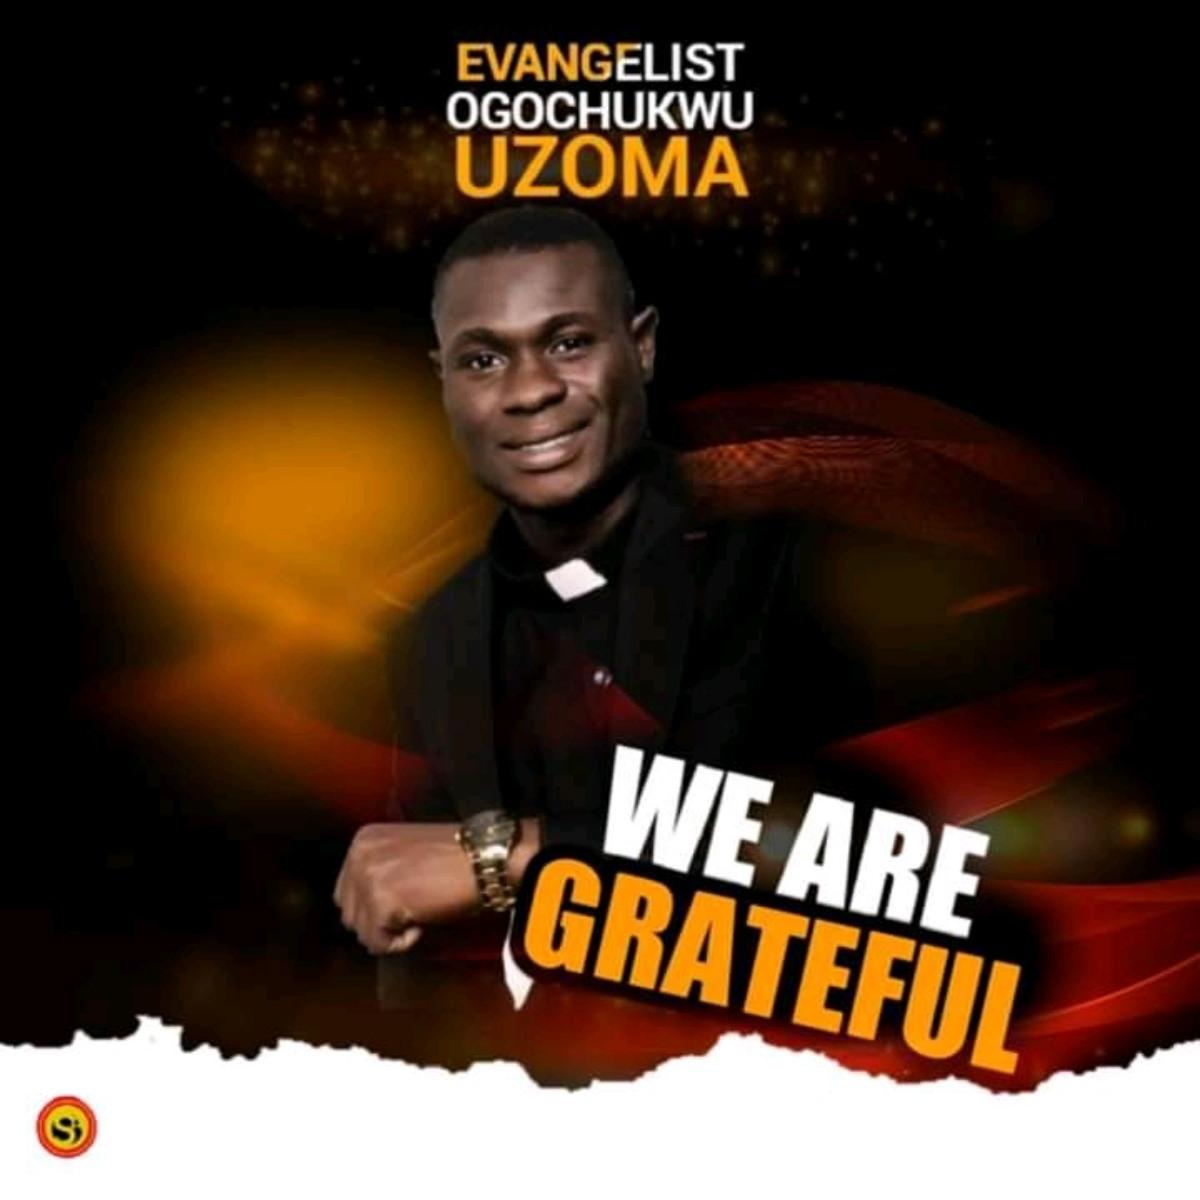 Evangelist Ogochukwu Uzoma – We Are Grateful